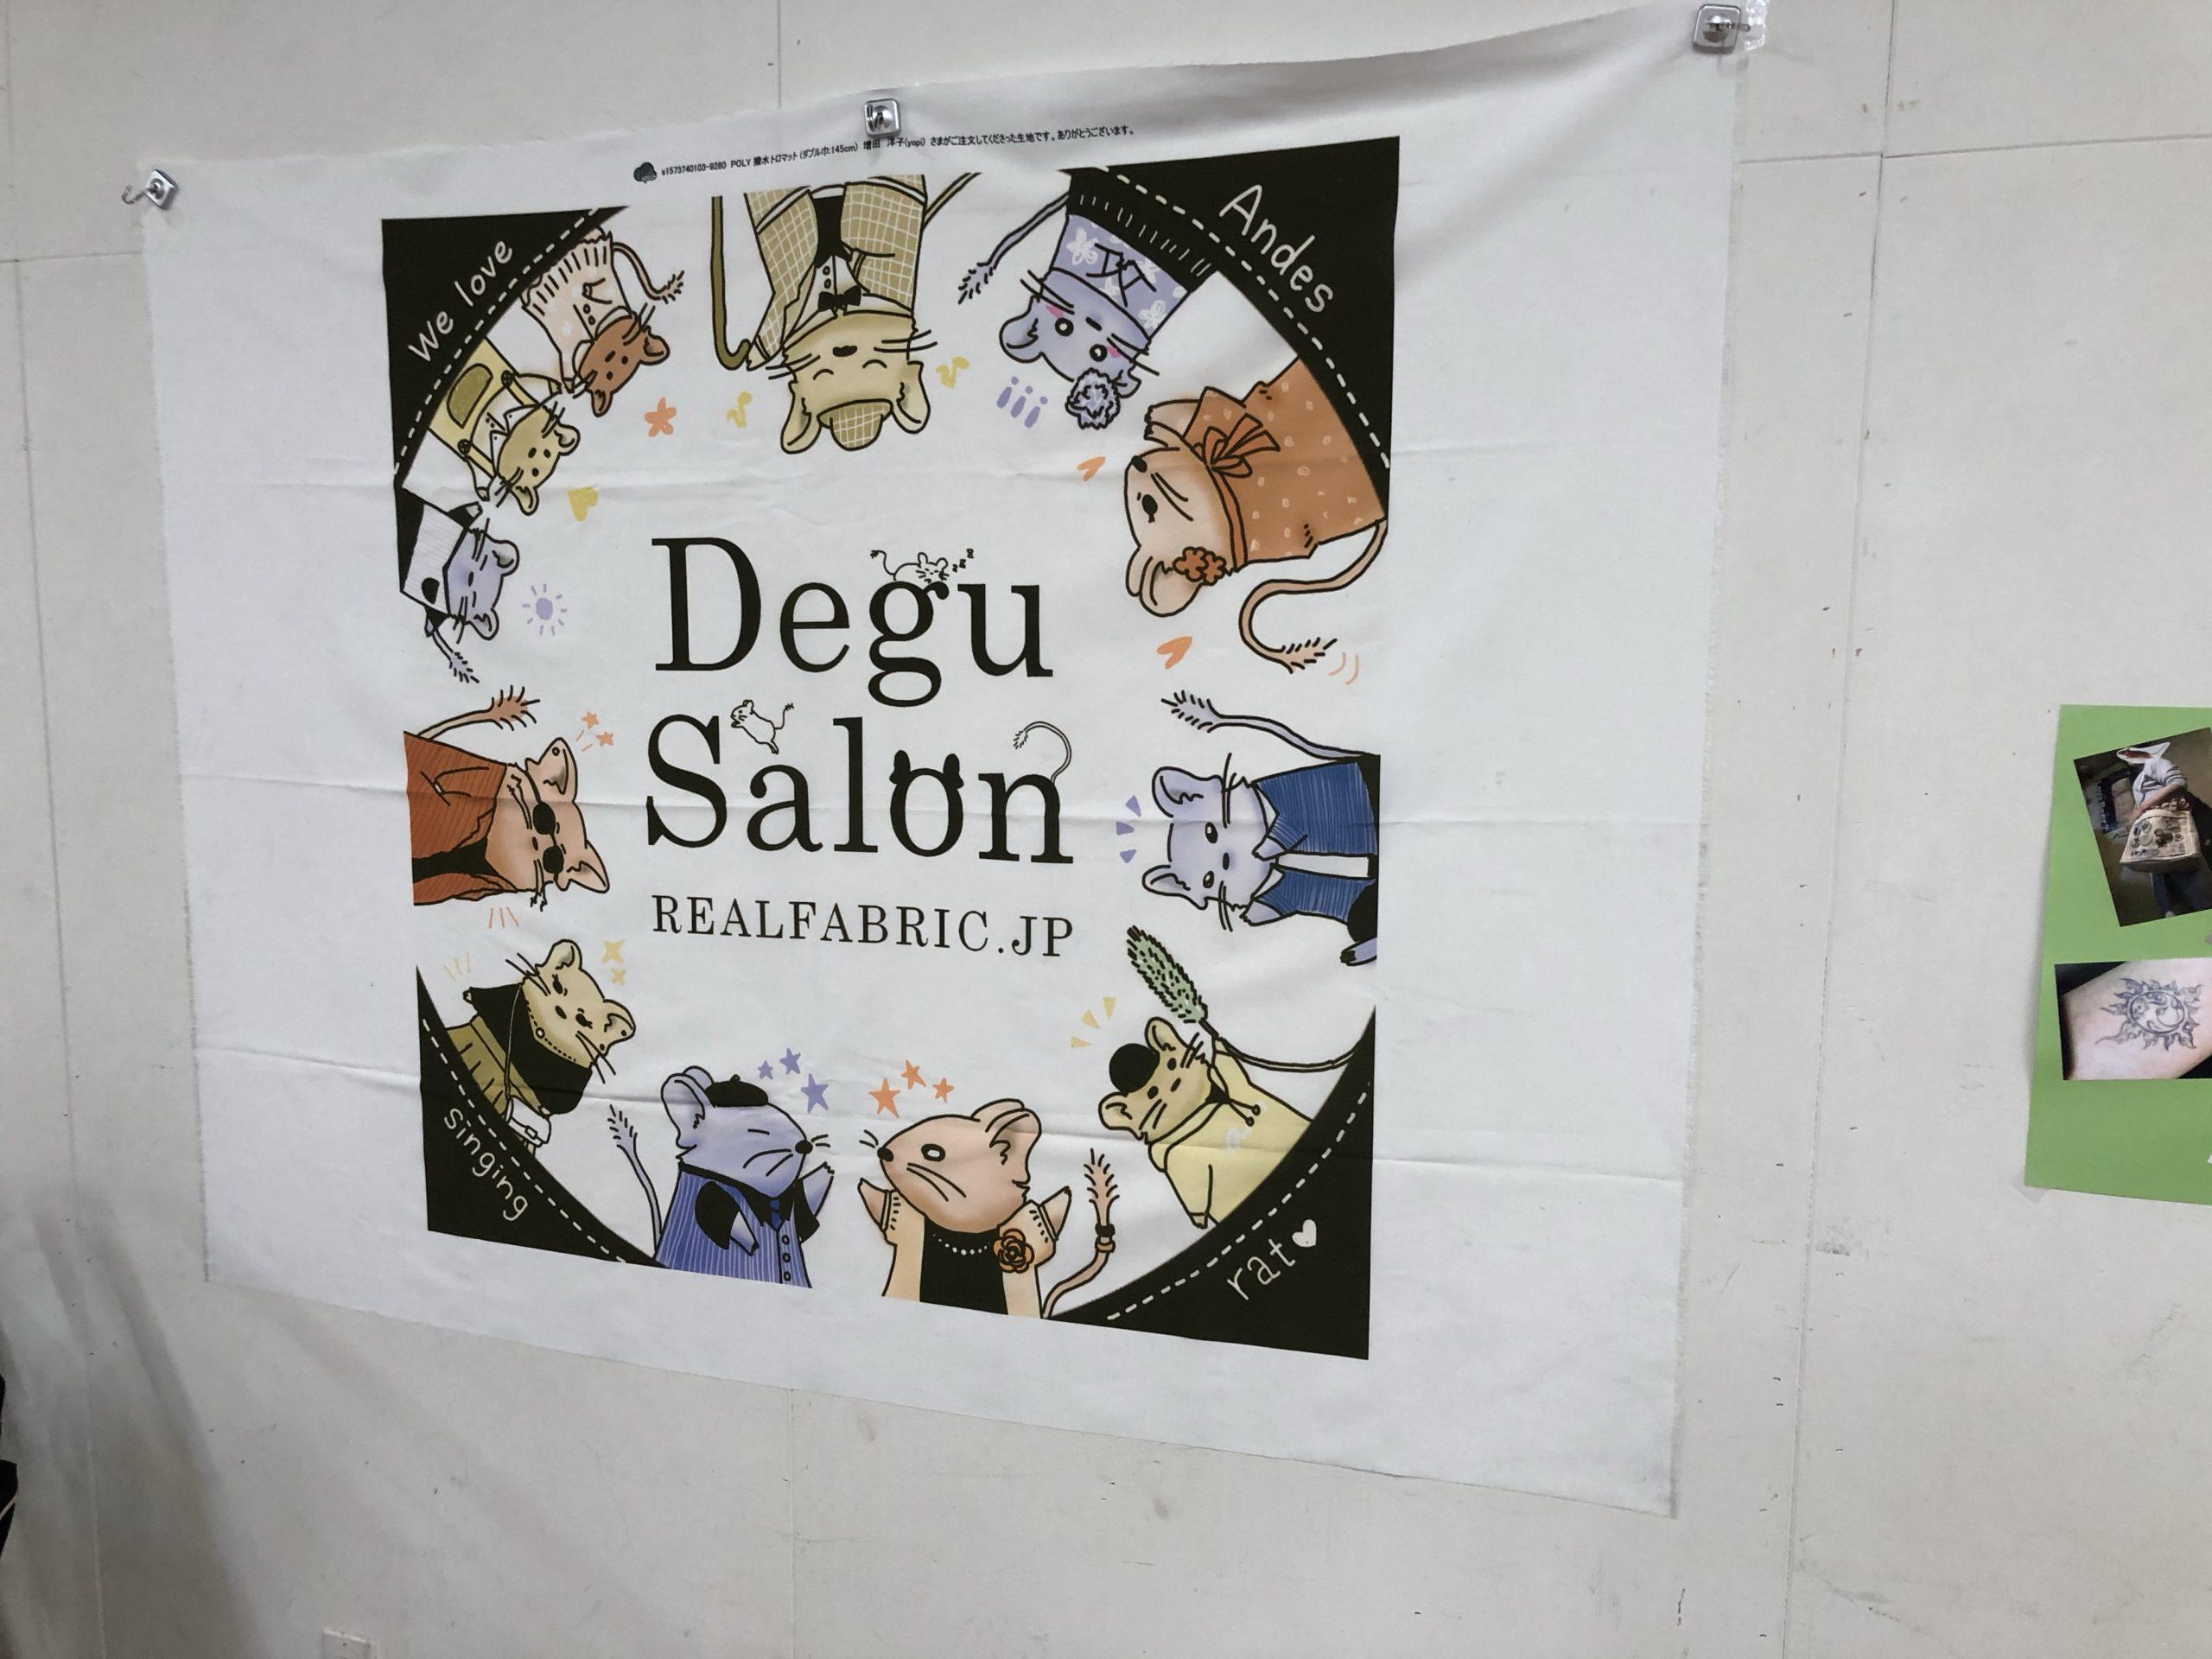 デグーサロンin上野に初参加してきた件